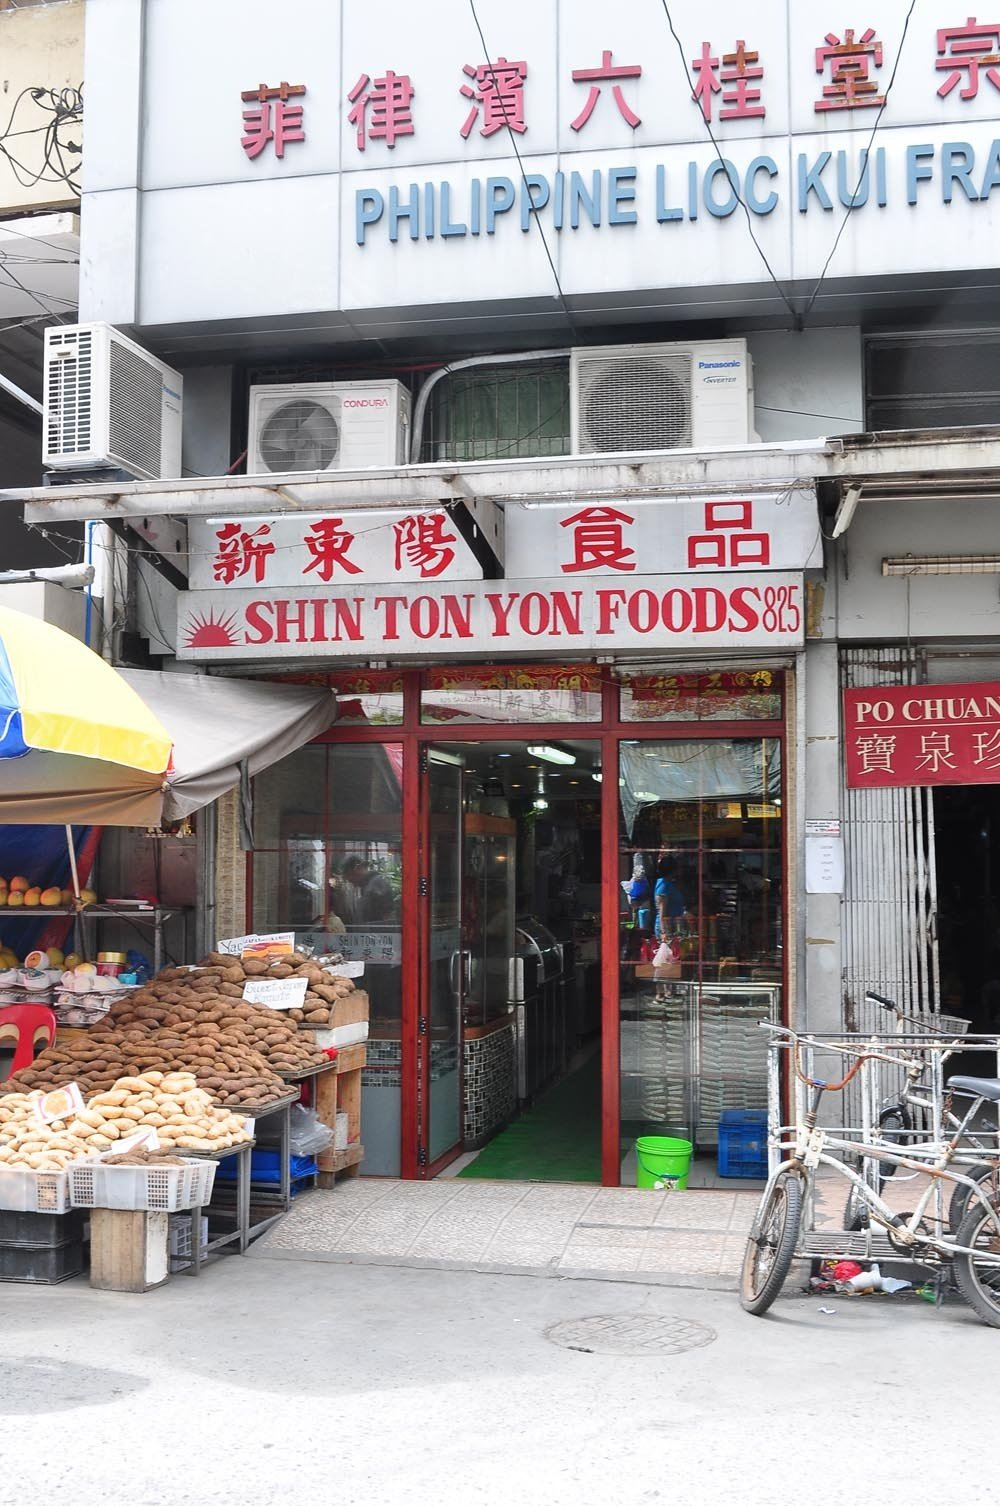 Shin Ton Yon